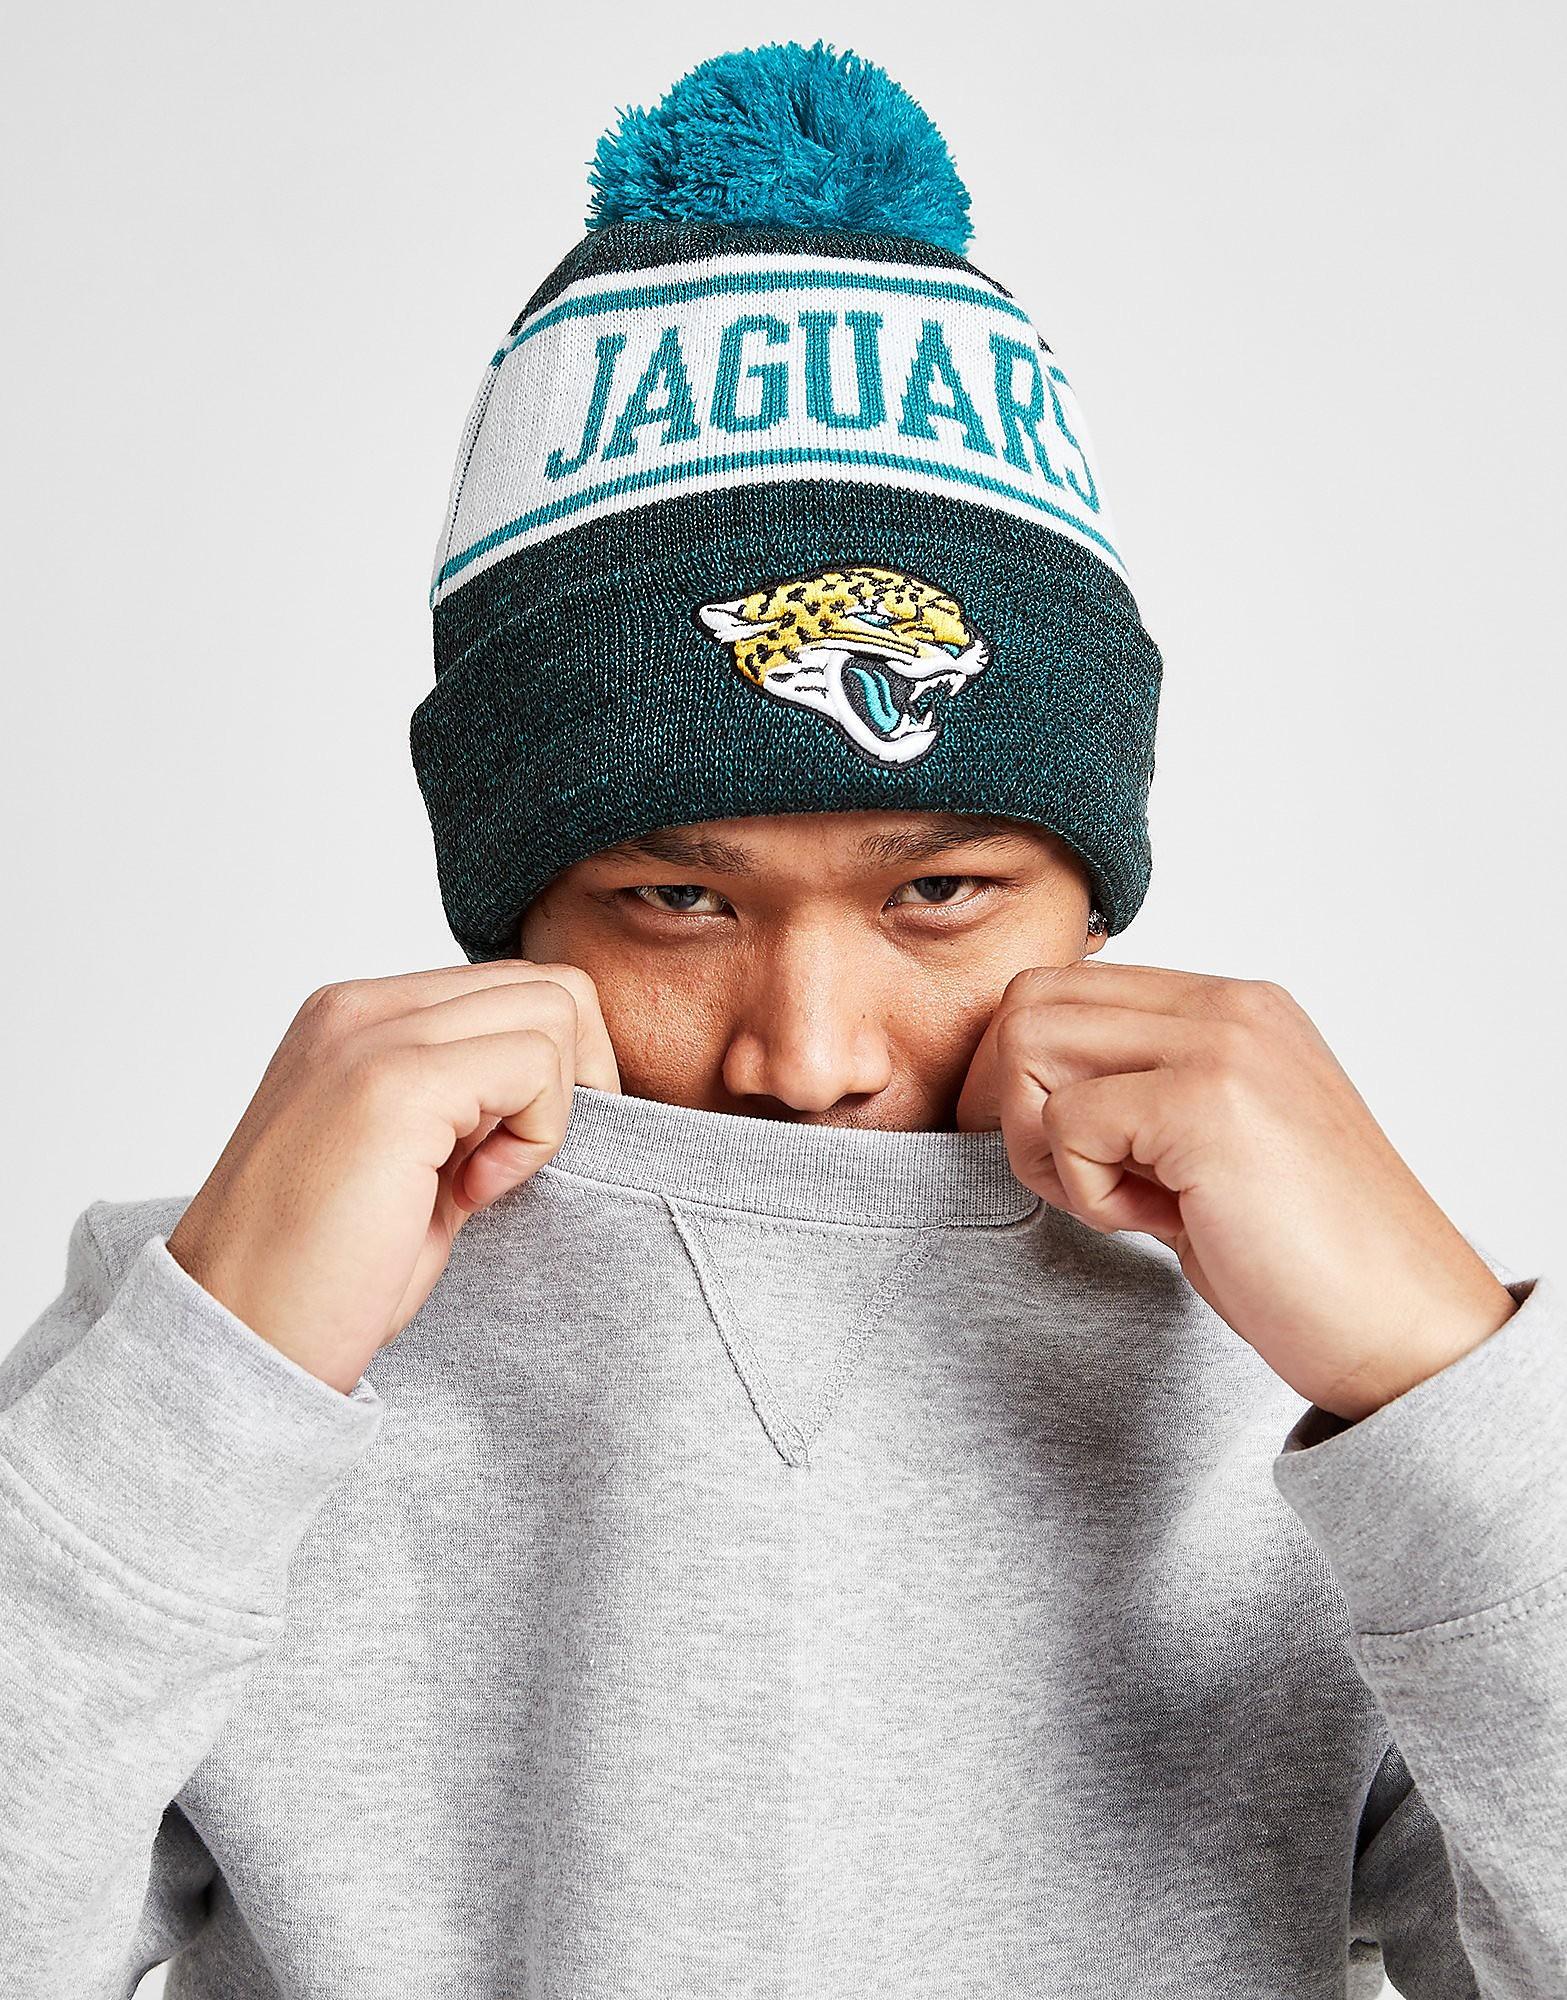 New Era Nfl Jacksonville Jaguars Mössa - Only At Jd, Blå